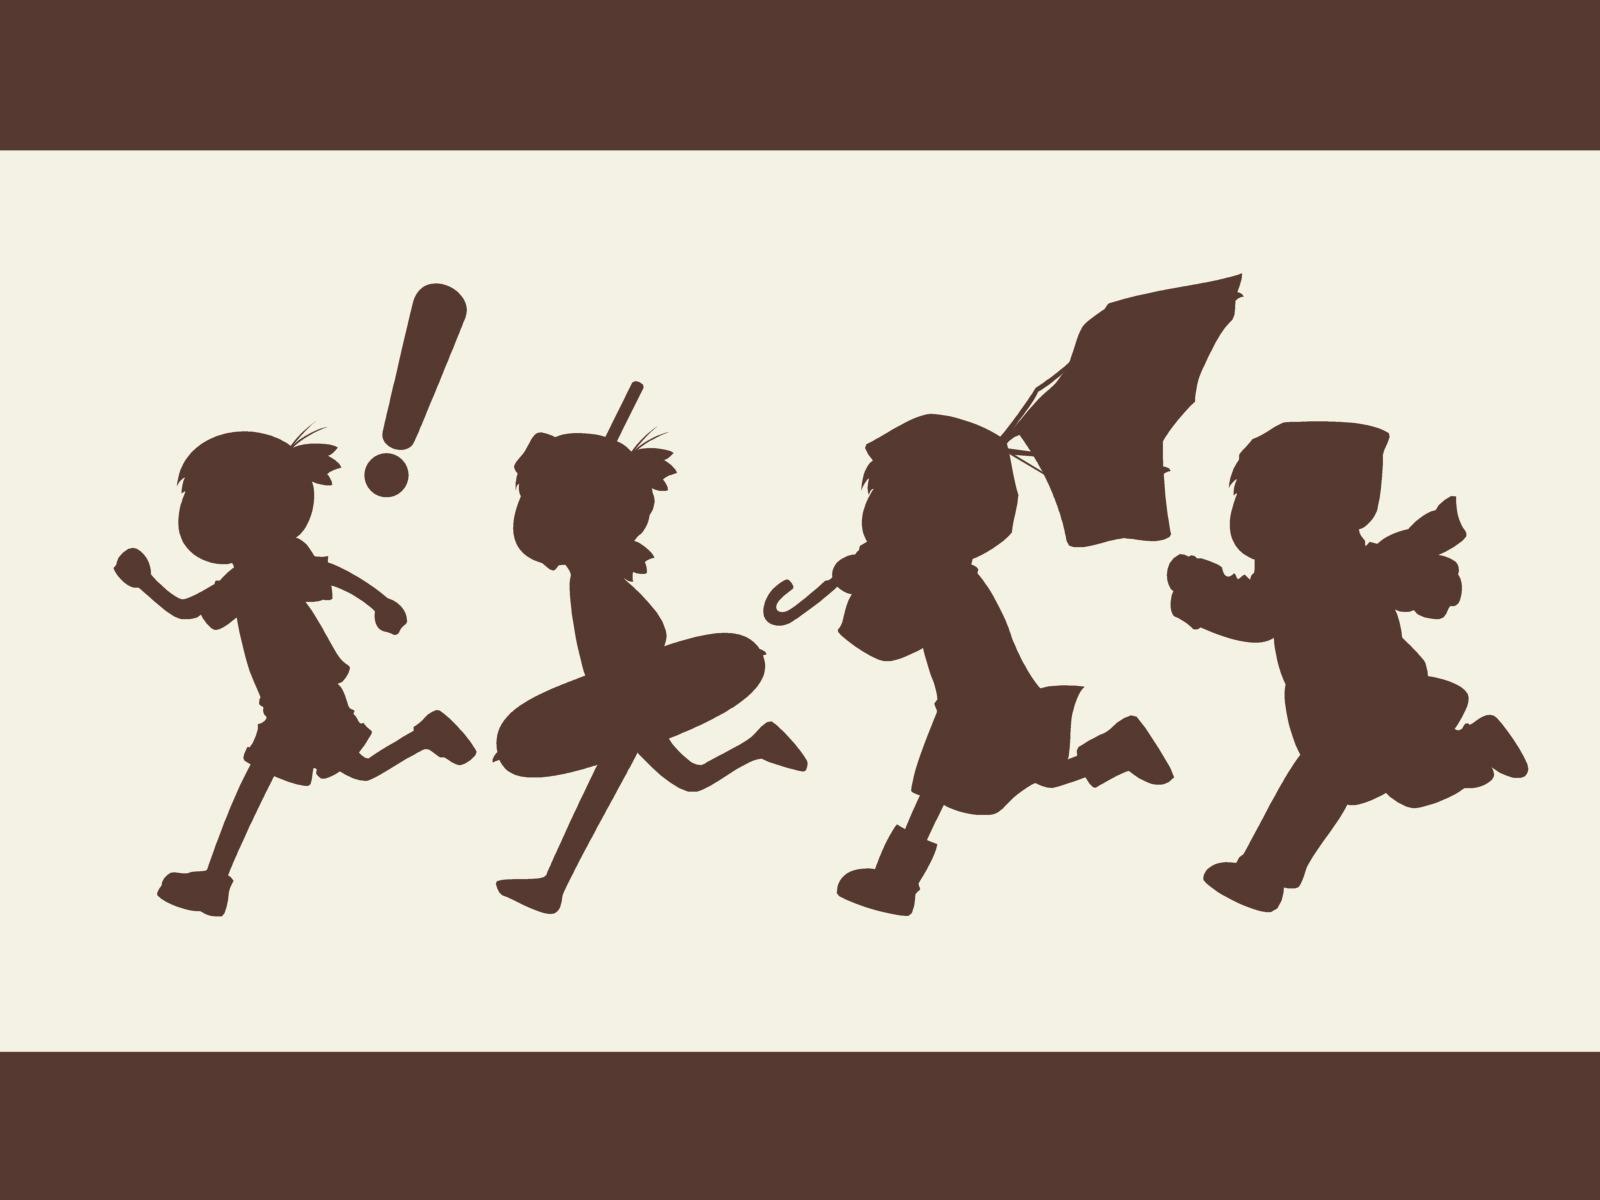 brown koiwai_yotsuba silhouette yotsubato!